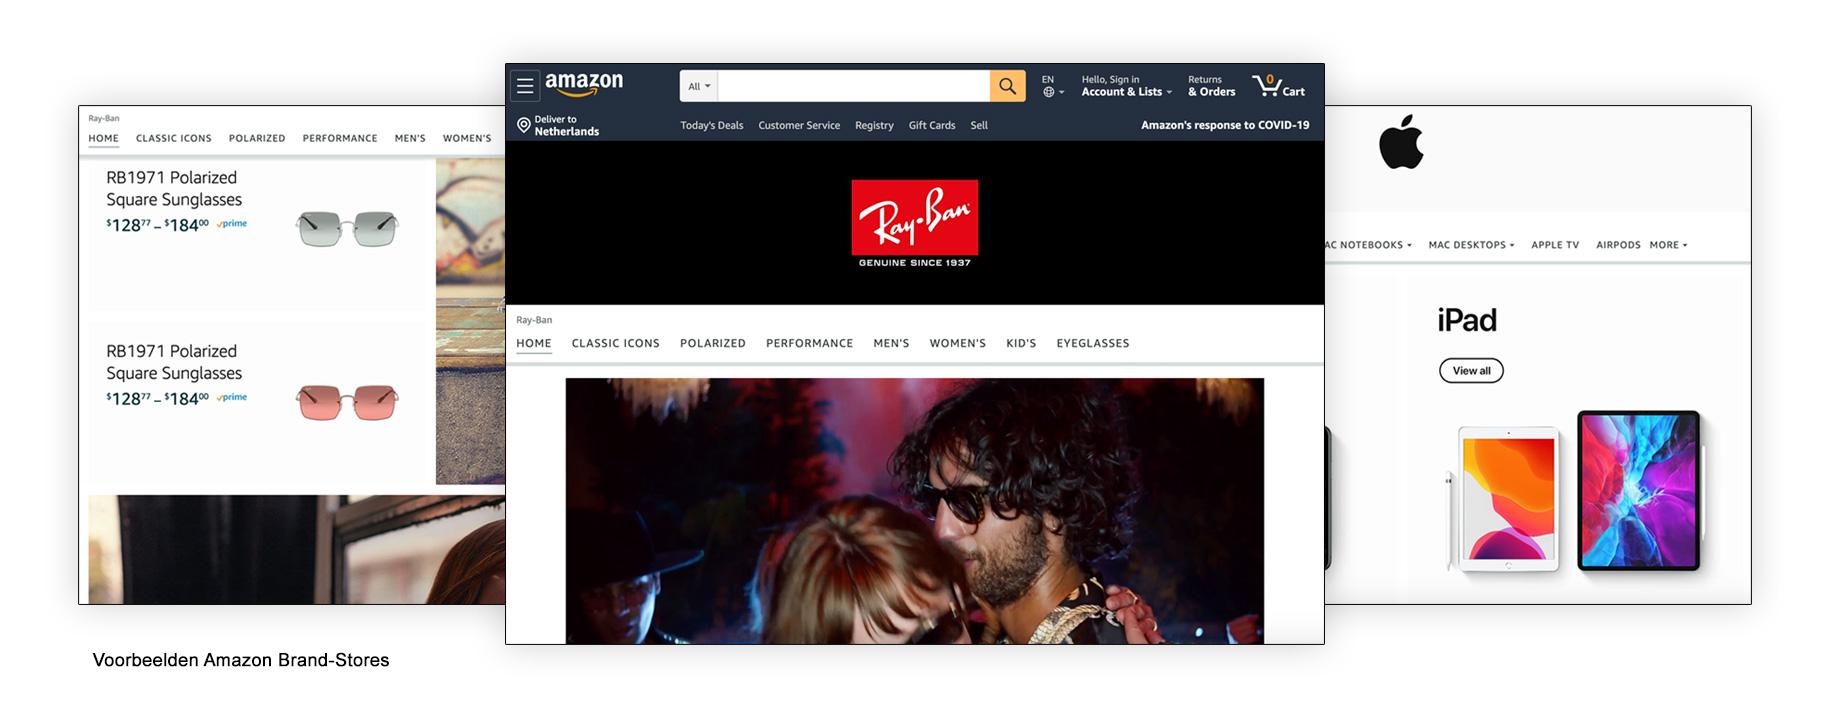 Voorbeelden Amazon Brand-Stores